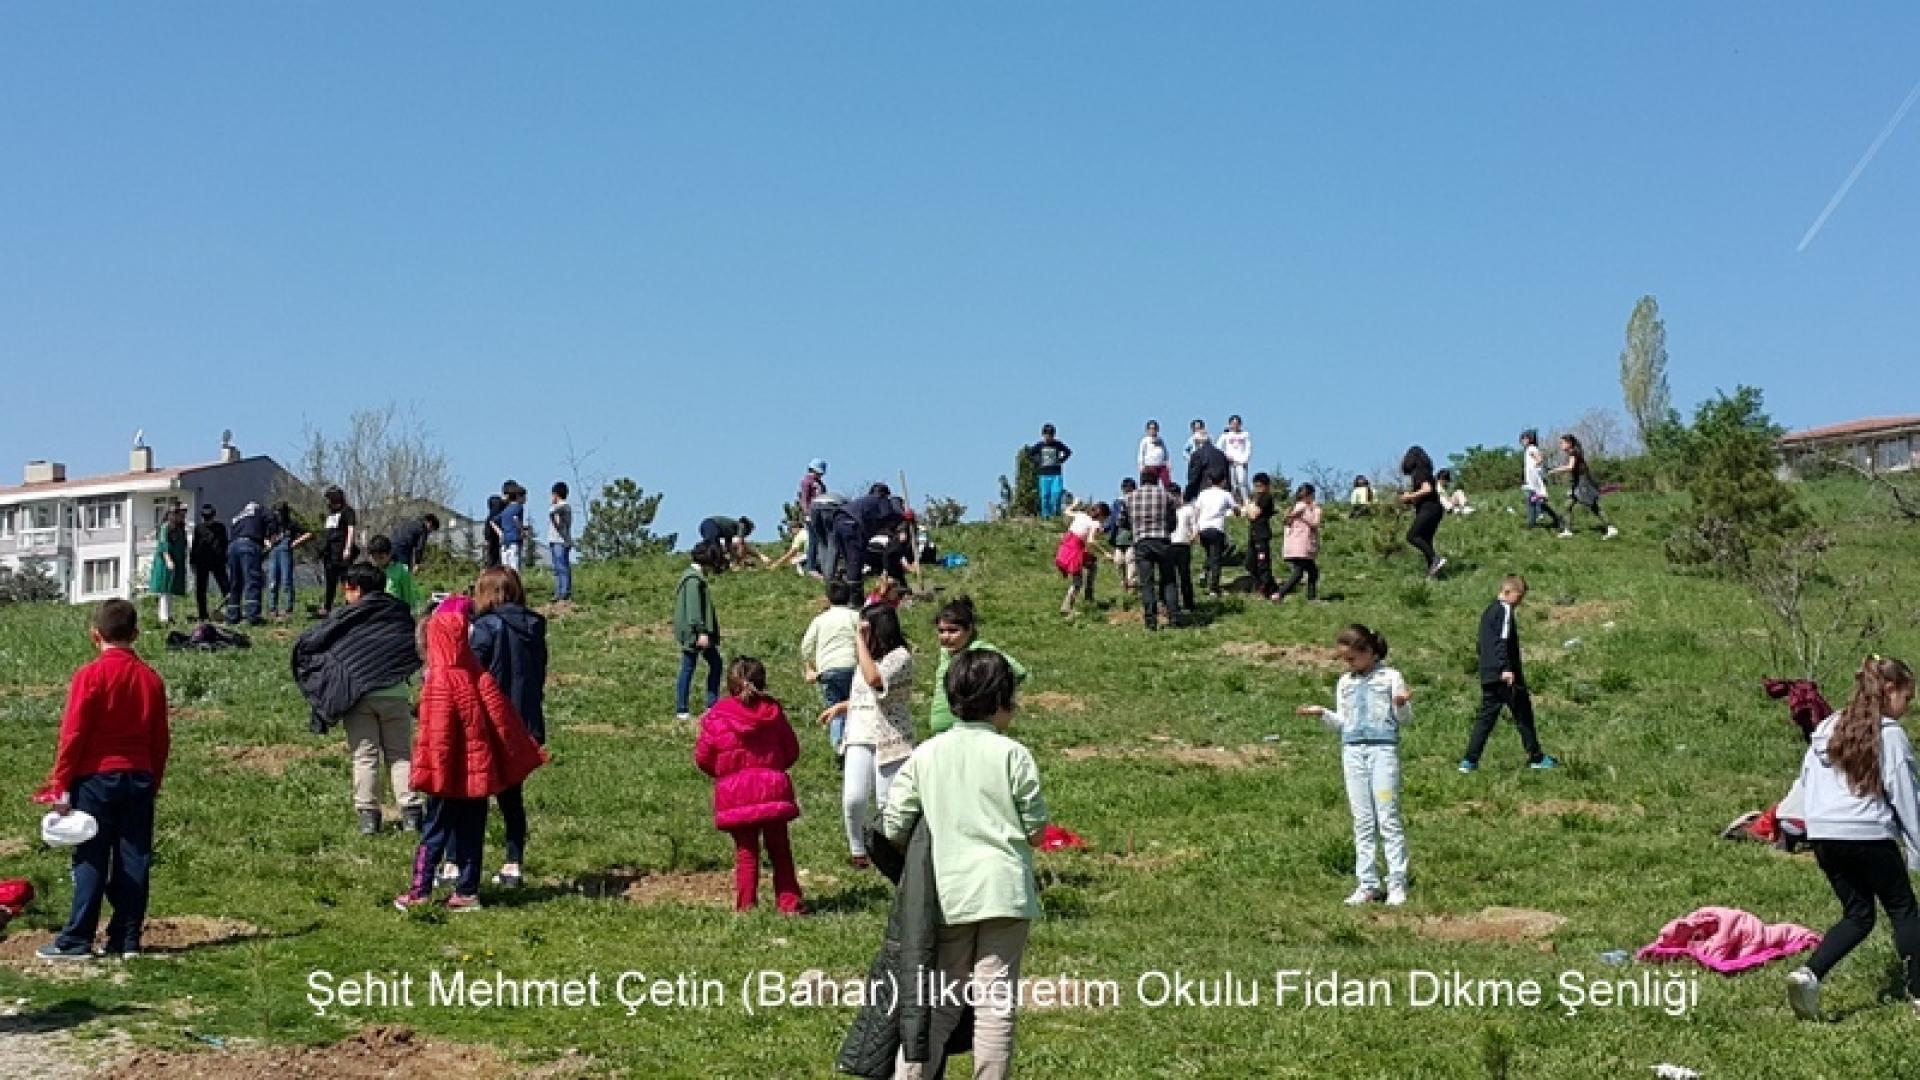 Şehit Mehmet Çetin İlkokulu Ağaç Dikme Şenliği 1523000134 763